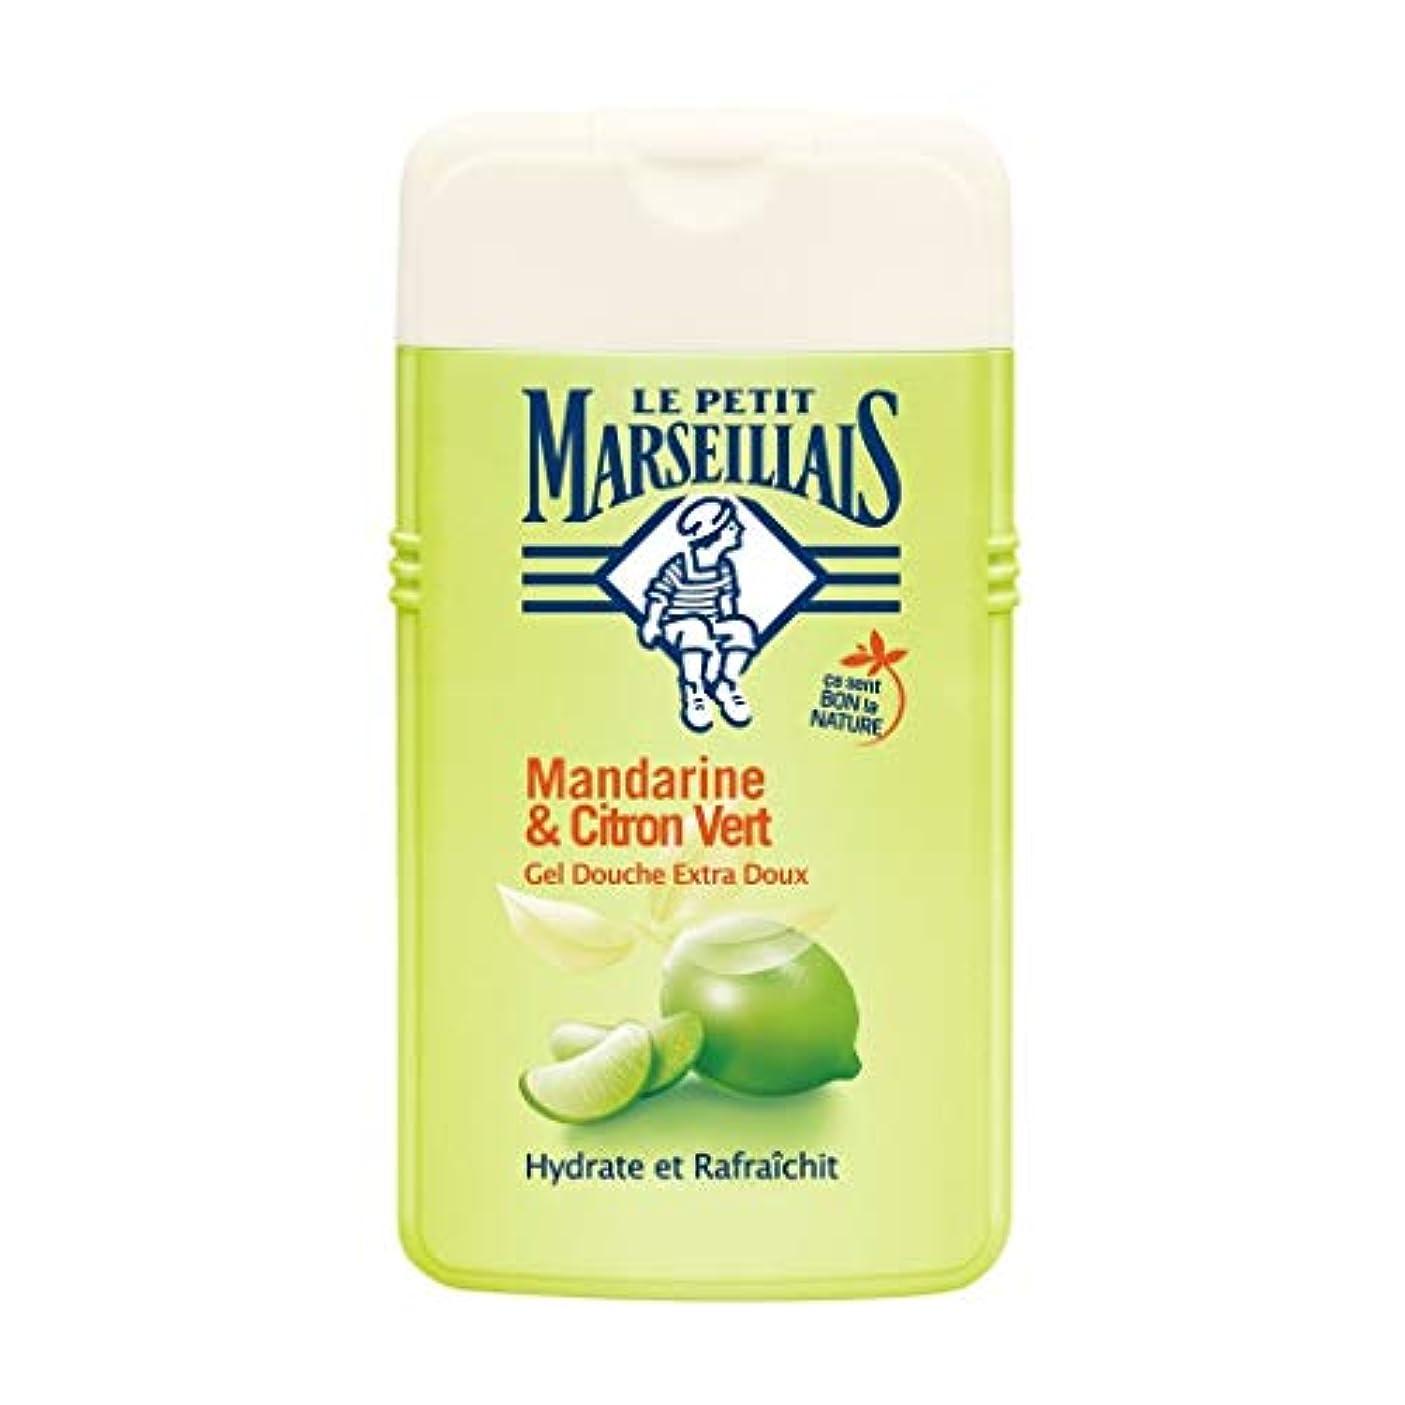 ル プティ マルセイユ Le Petit Marseillais シャワージェル/ボディソープ (マンダリンオレンジ と ライム, 250 ml)